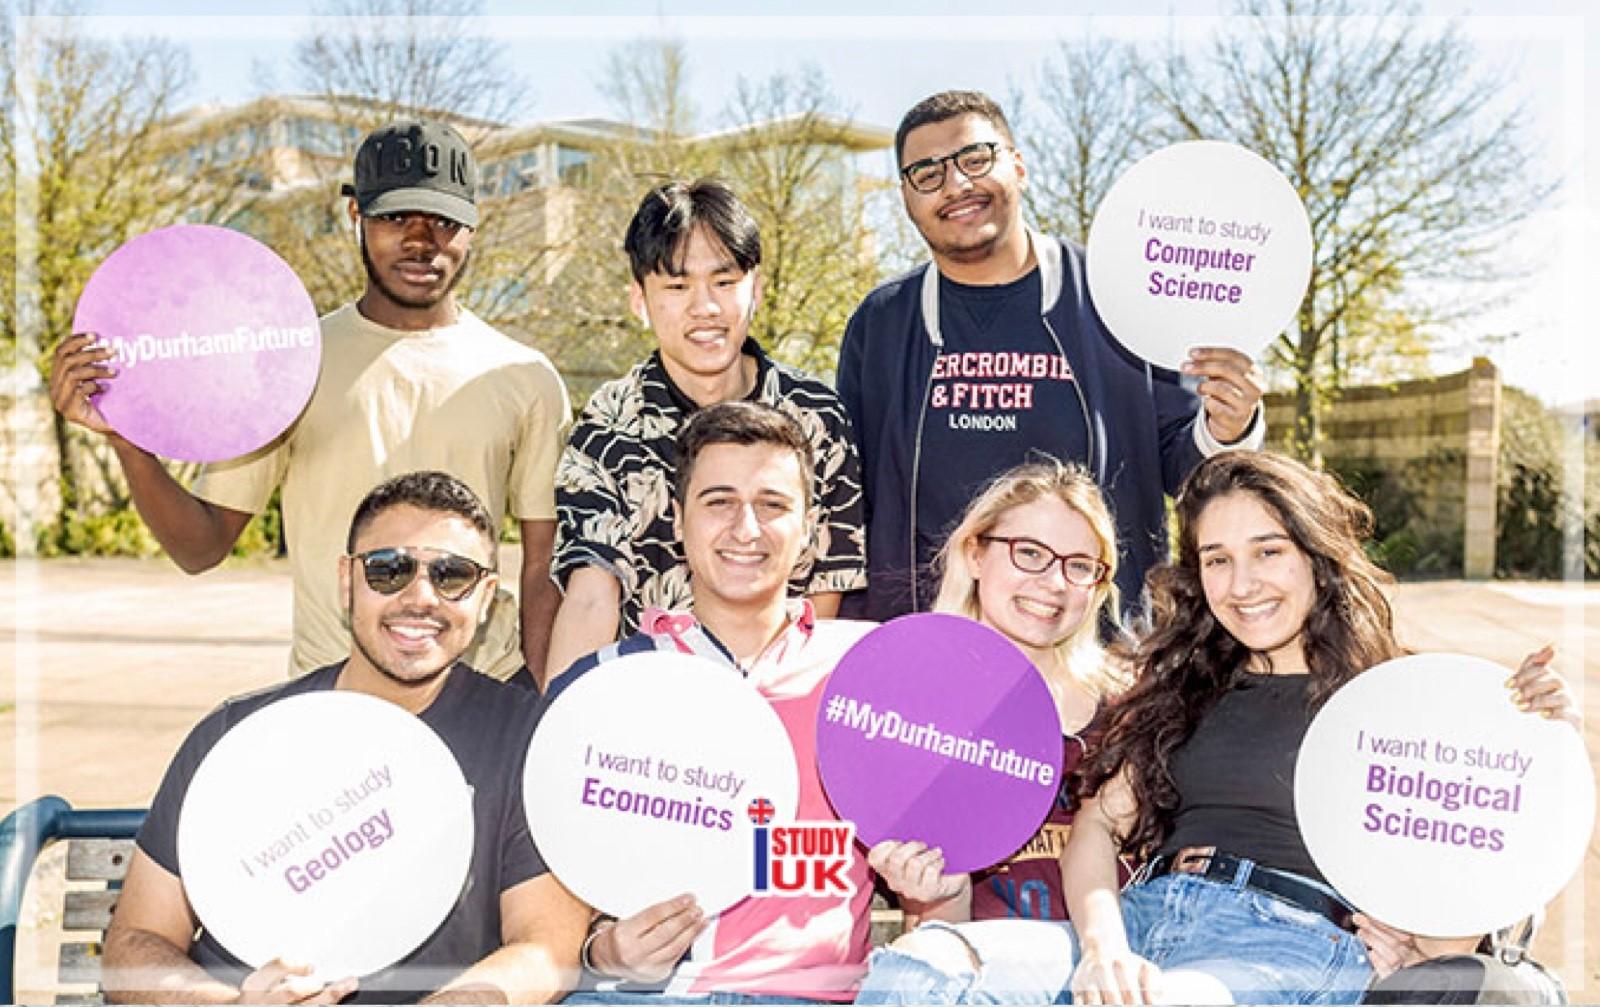 รับปริญญาประเทศอังกฤษ เรียนต่อป.ตรี ป.โทท็อปยูประเทศอังกฤษ Durham University Top UK university Rank - กับ เอเยนซี่ I Study UK